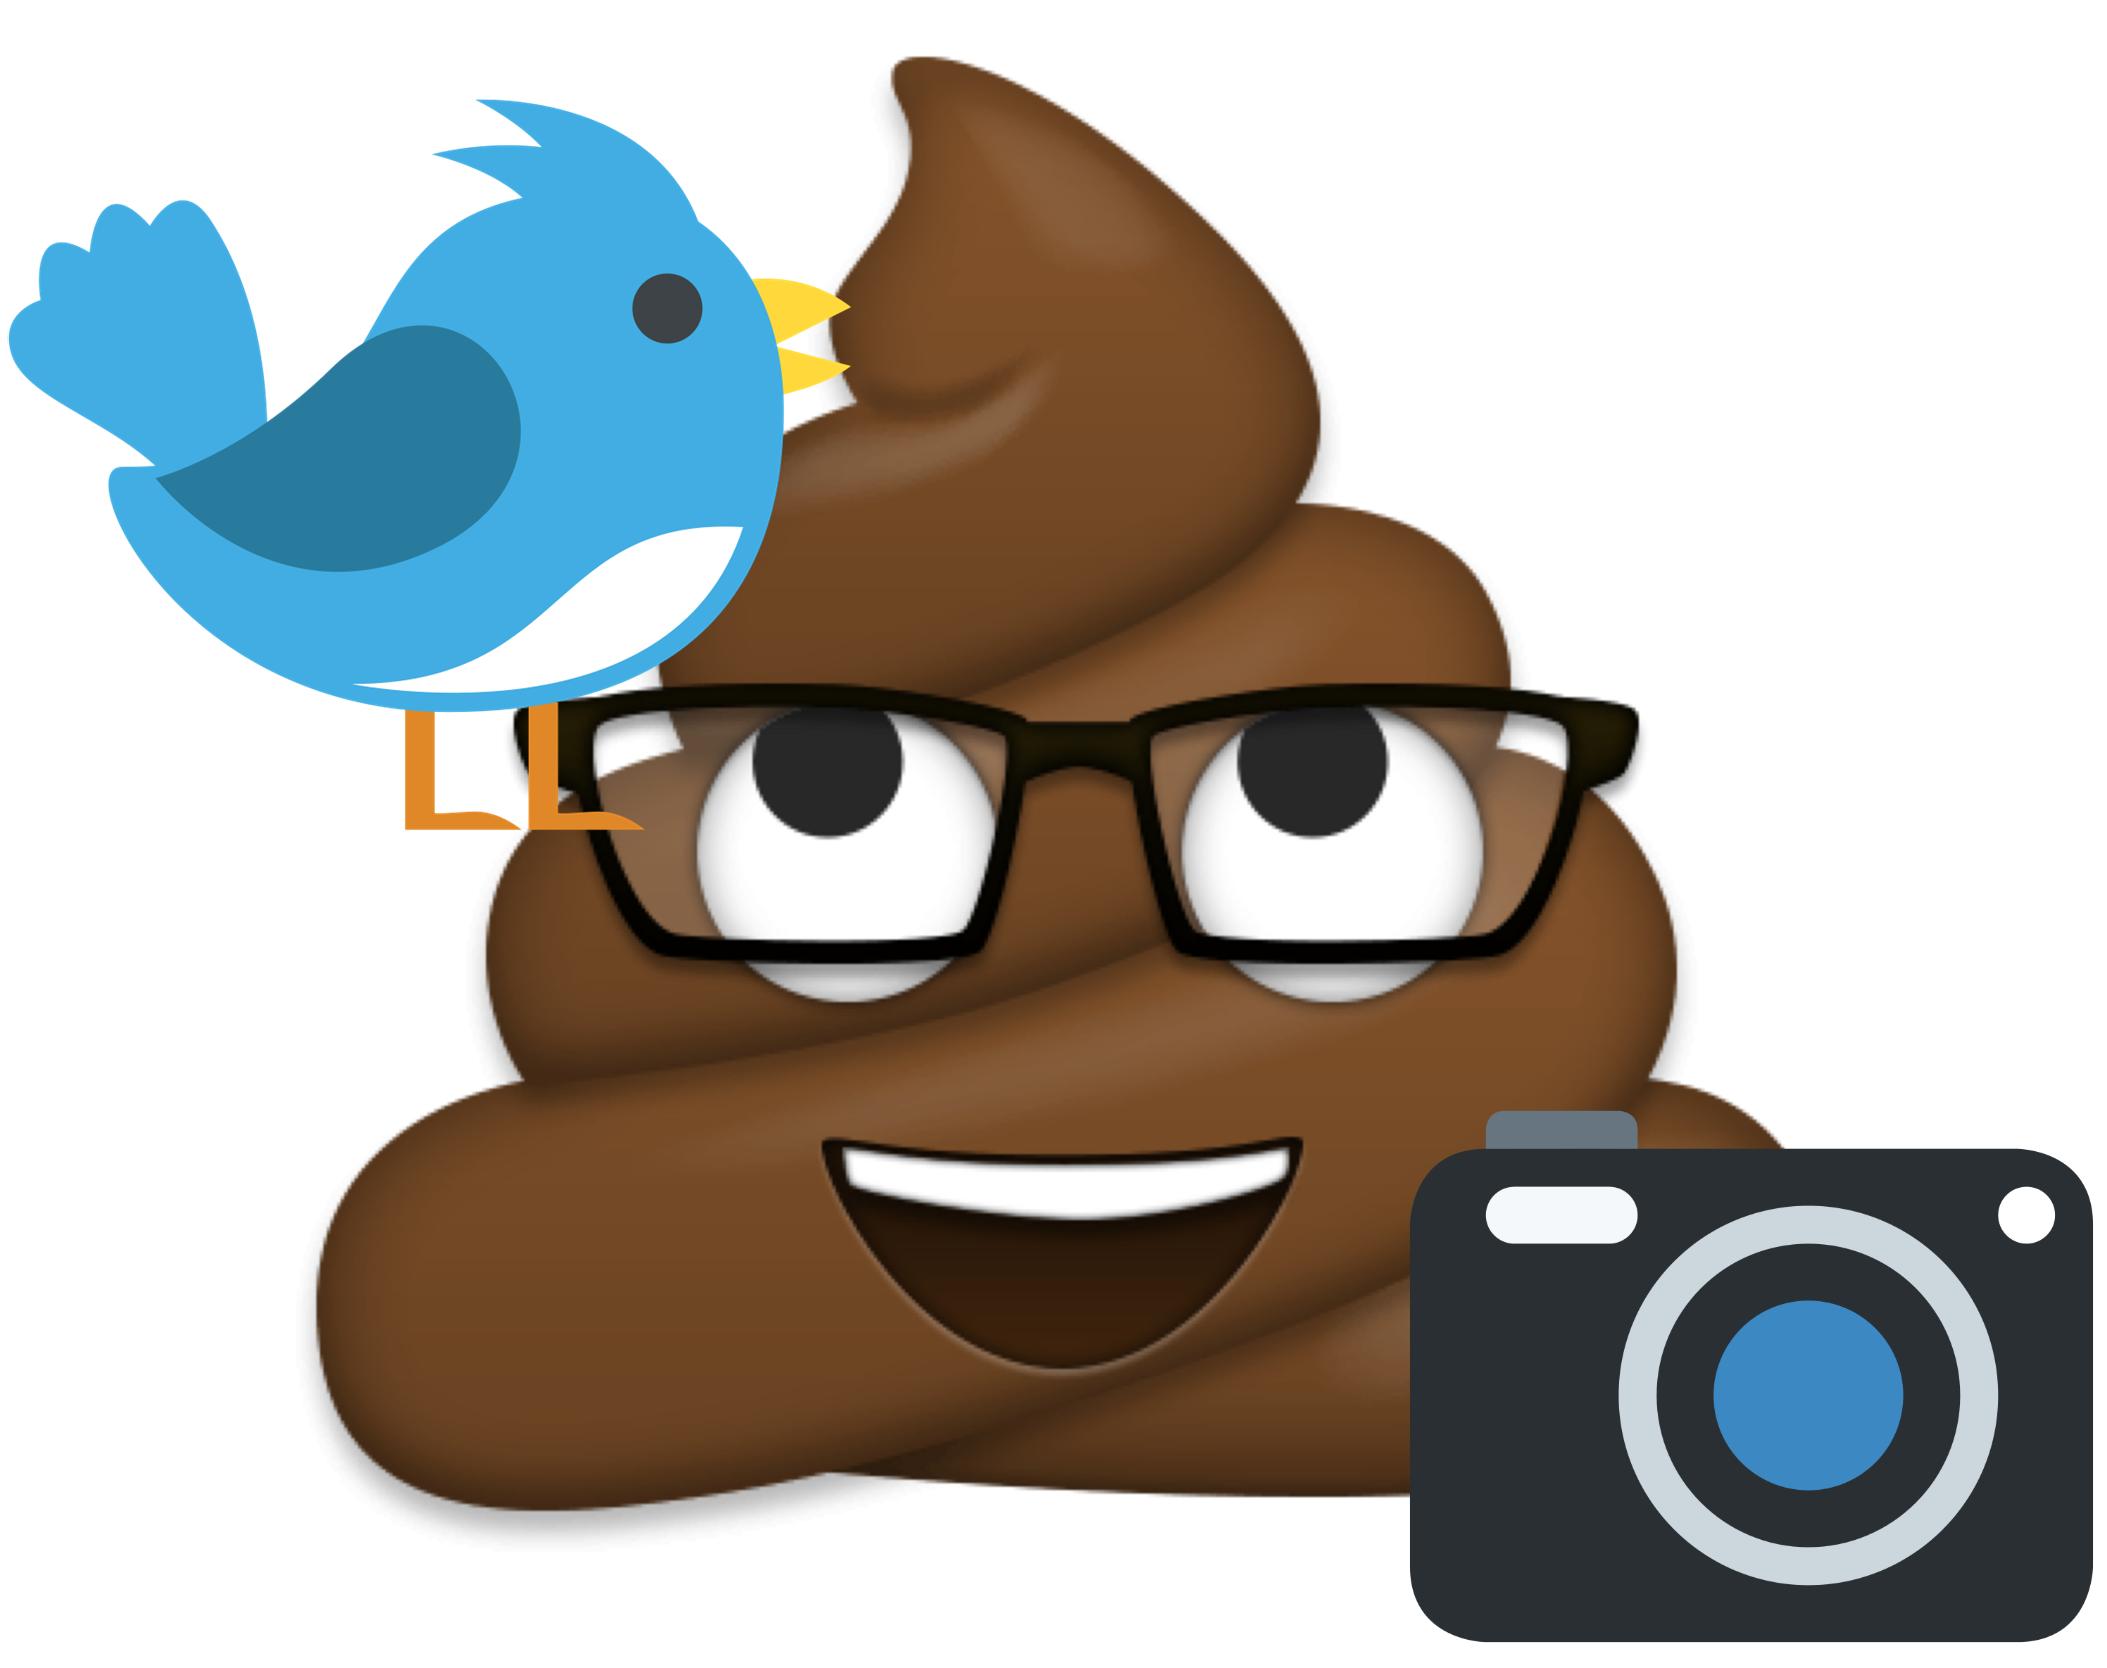 poop_emoji (1) copy.png